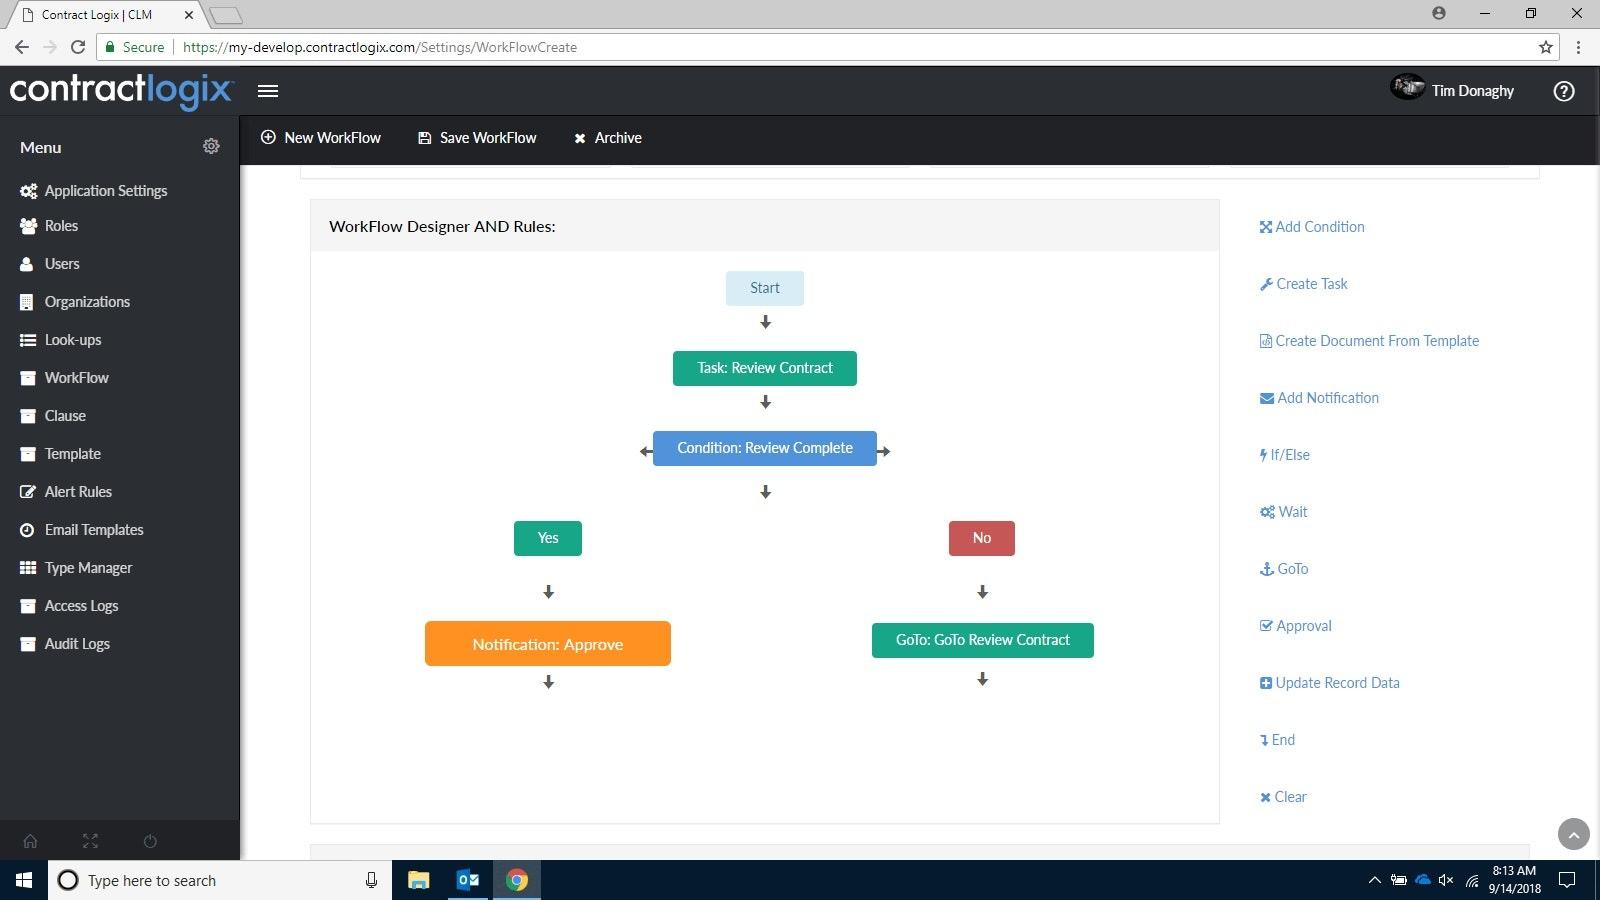 Contract workflow designer